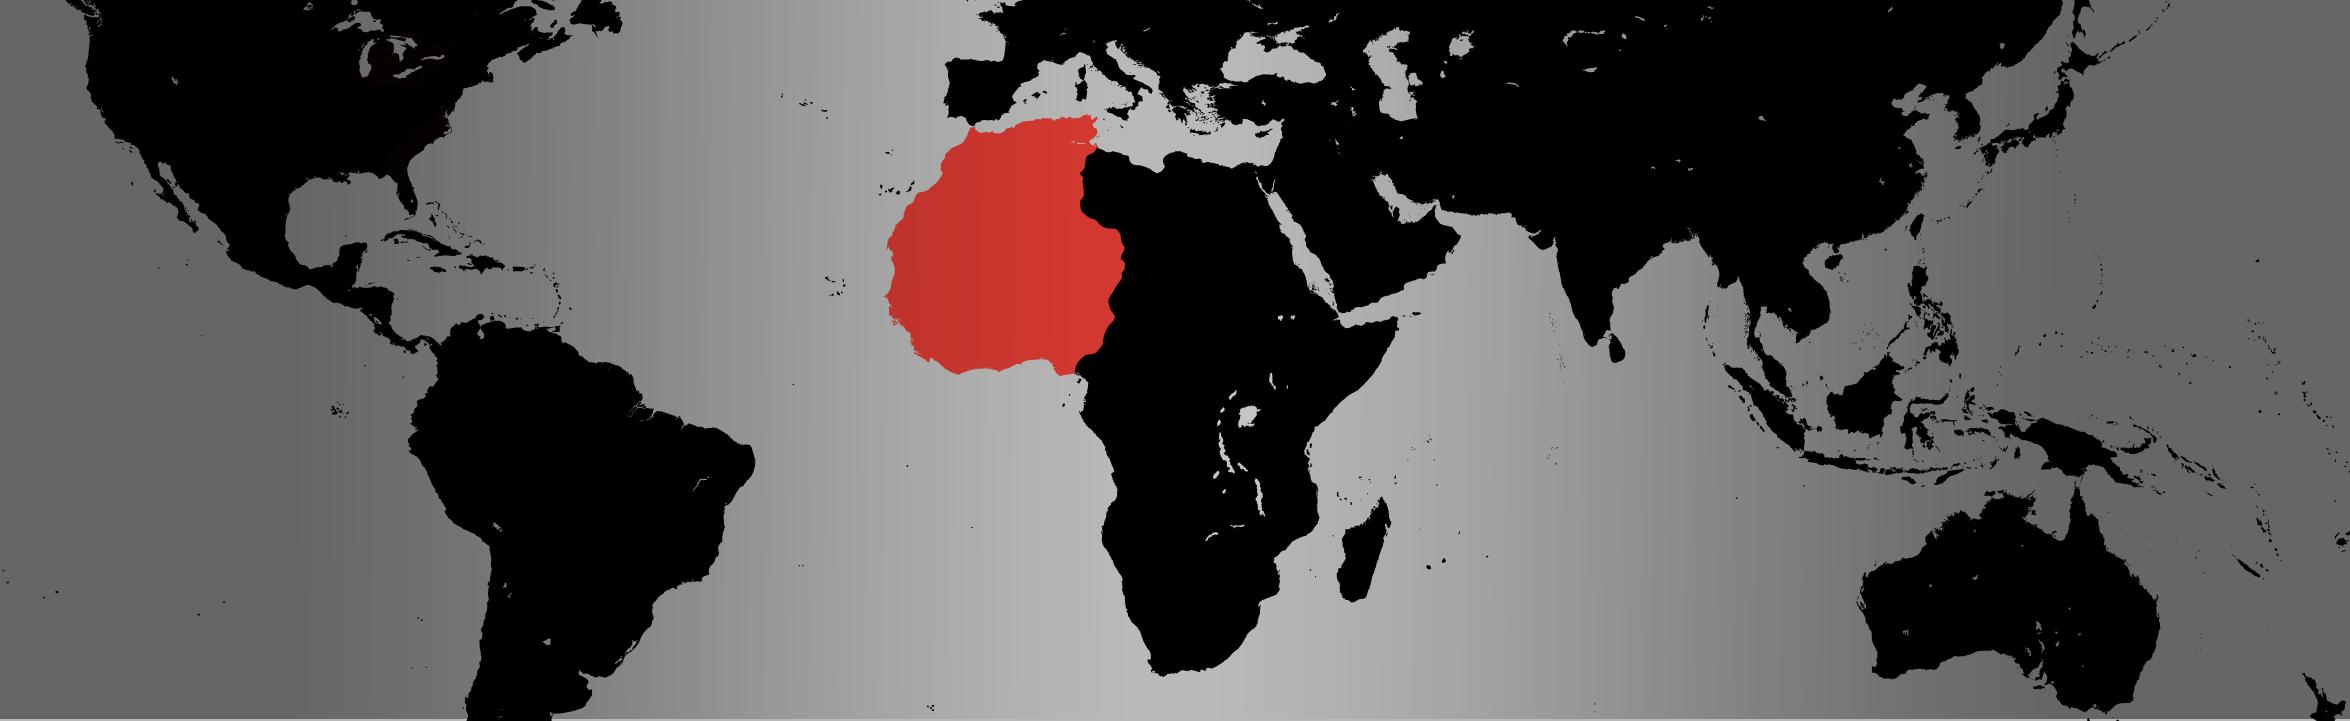 Nigerian Dwarf Goat map